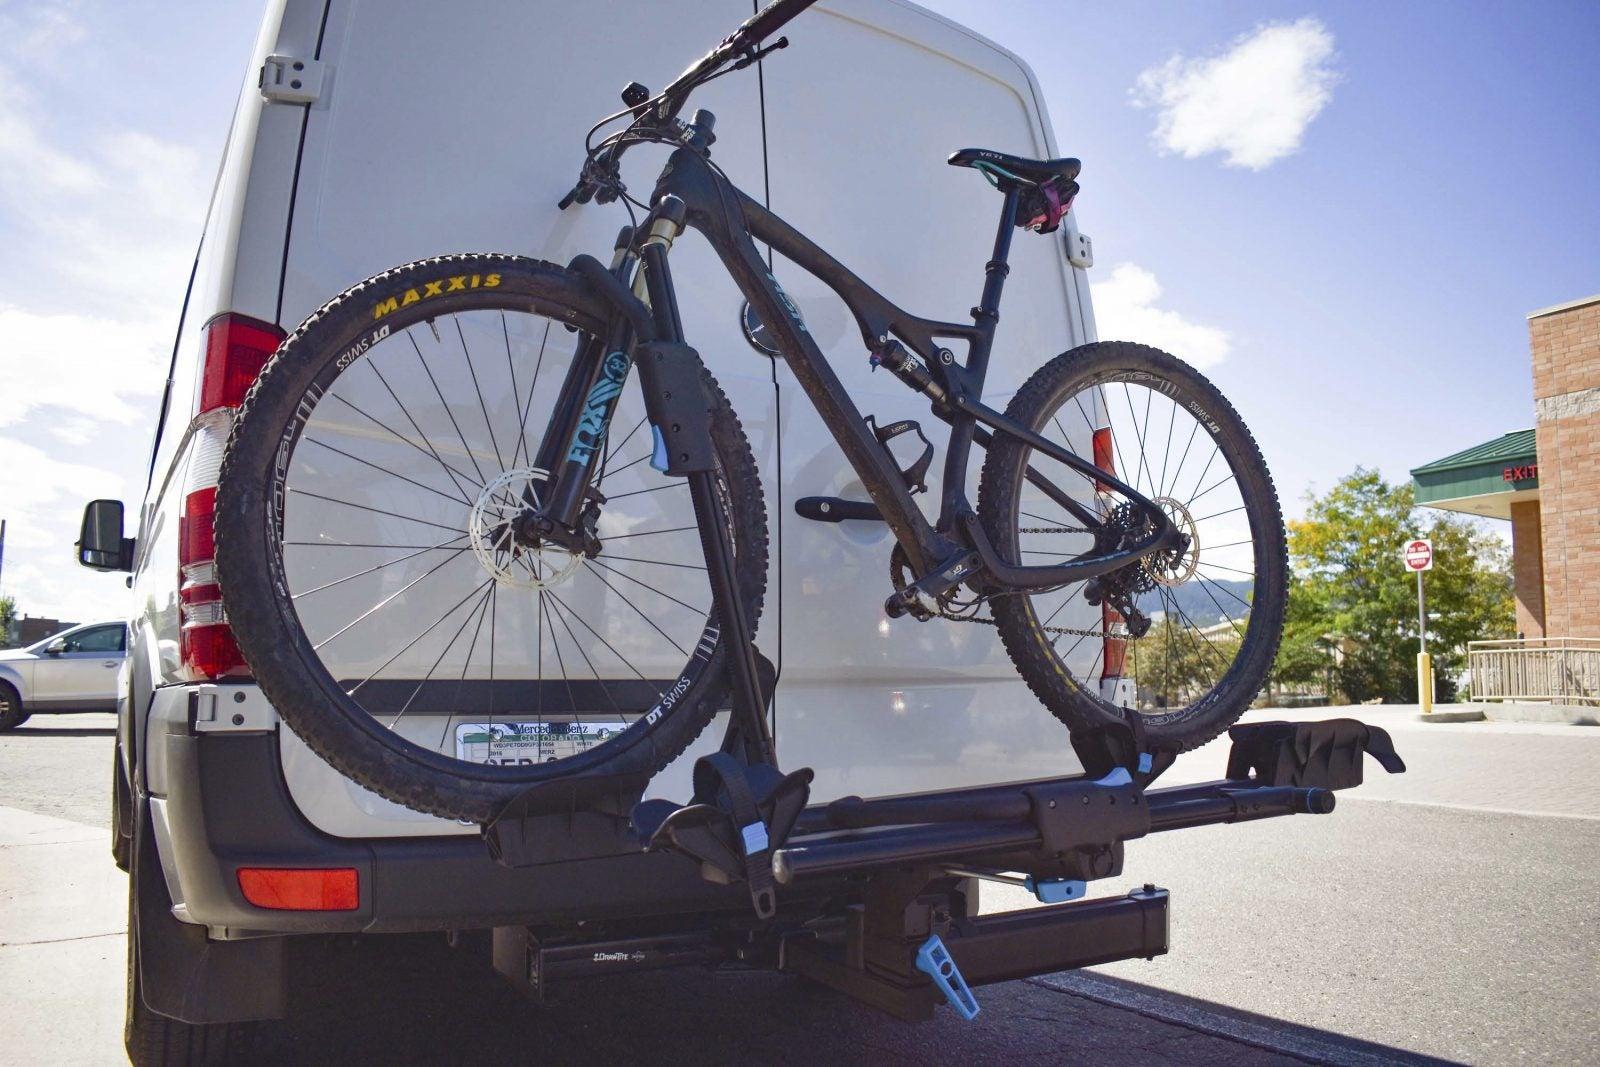 rhode gear bike rack instructions van